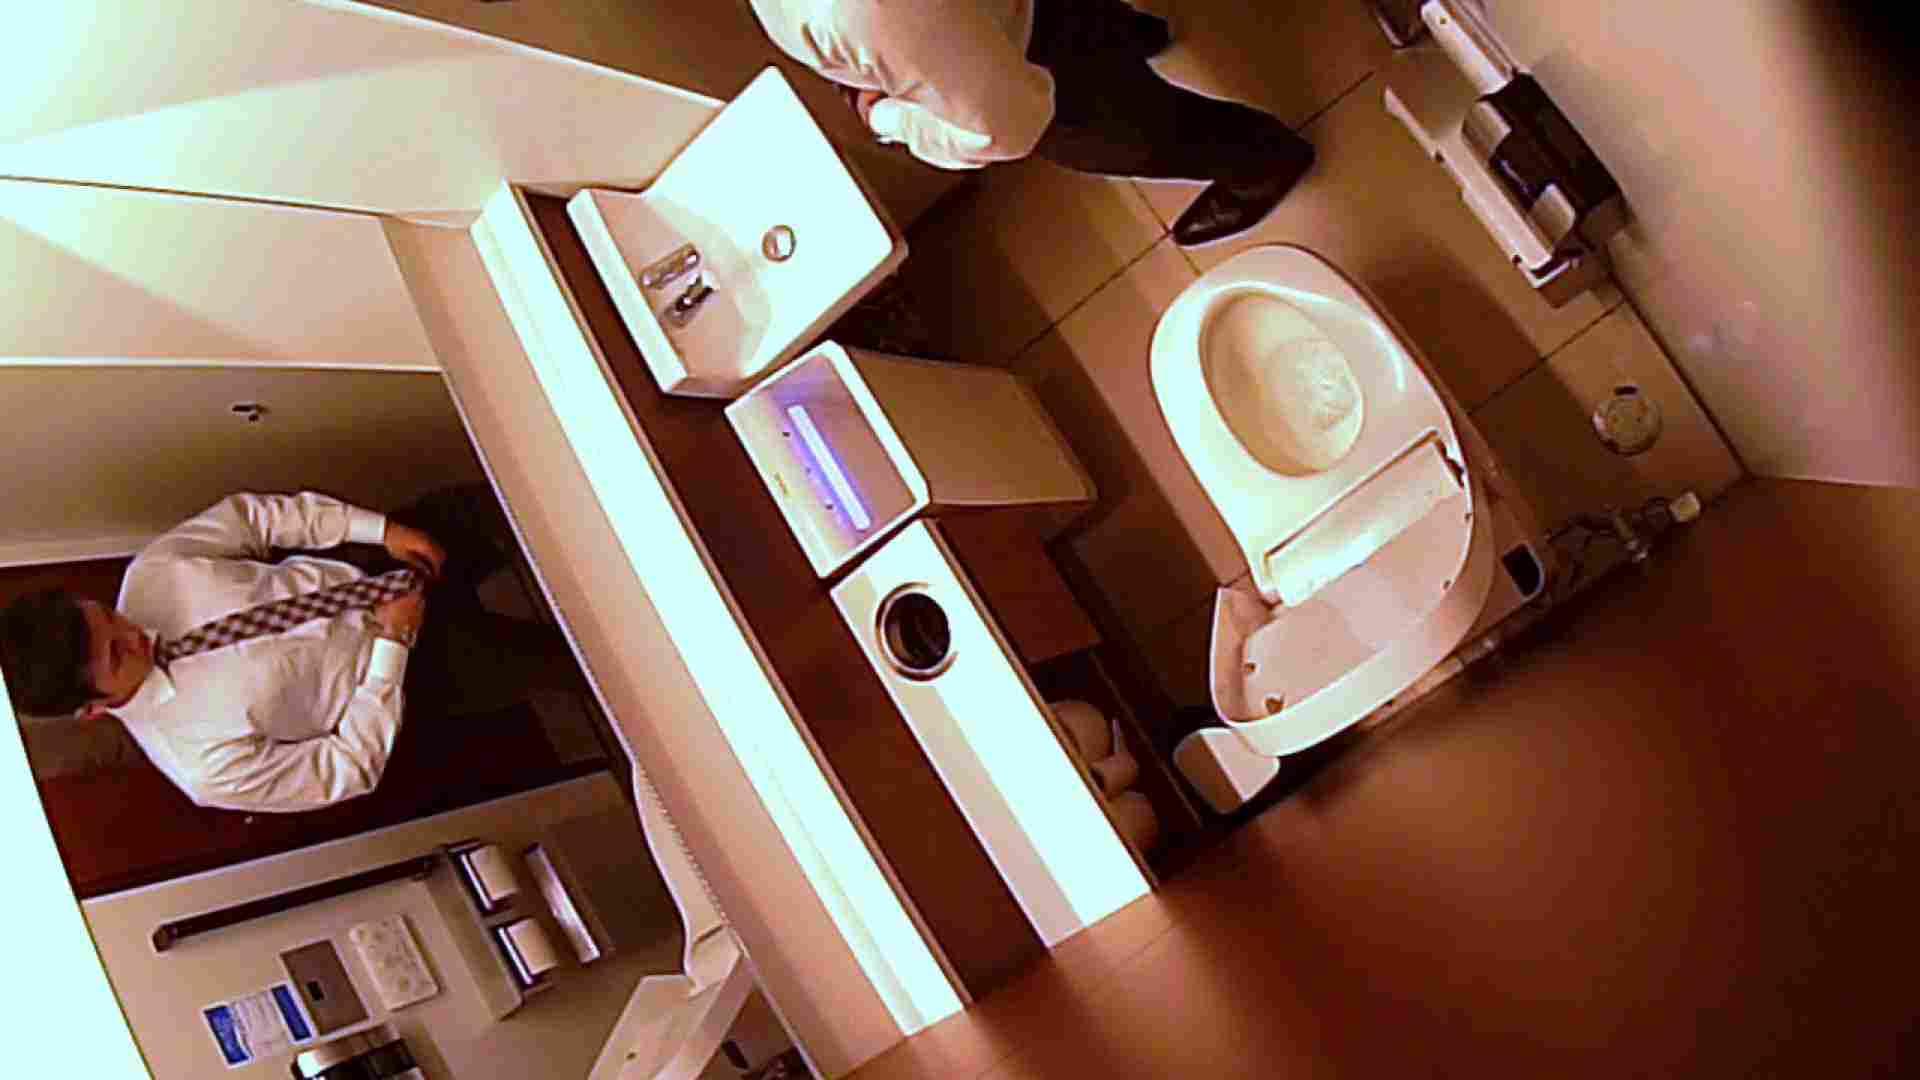 すみませんが覗かせてください Vol.27 トイレ | 0  101枚 31